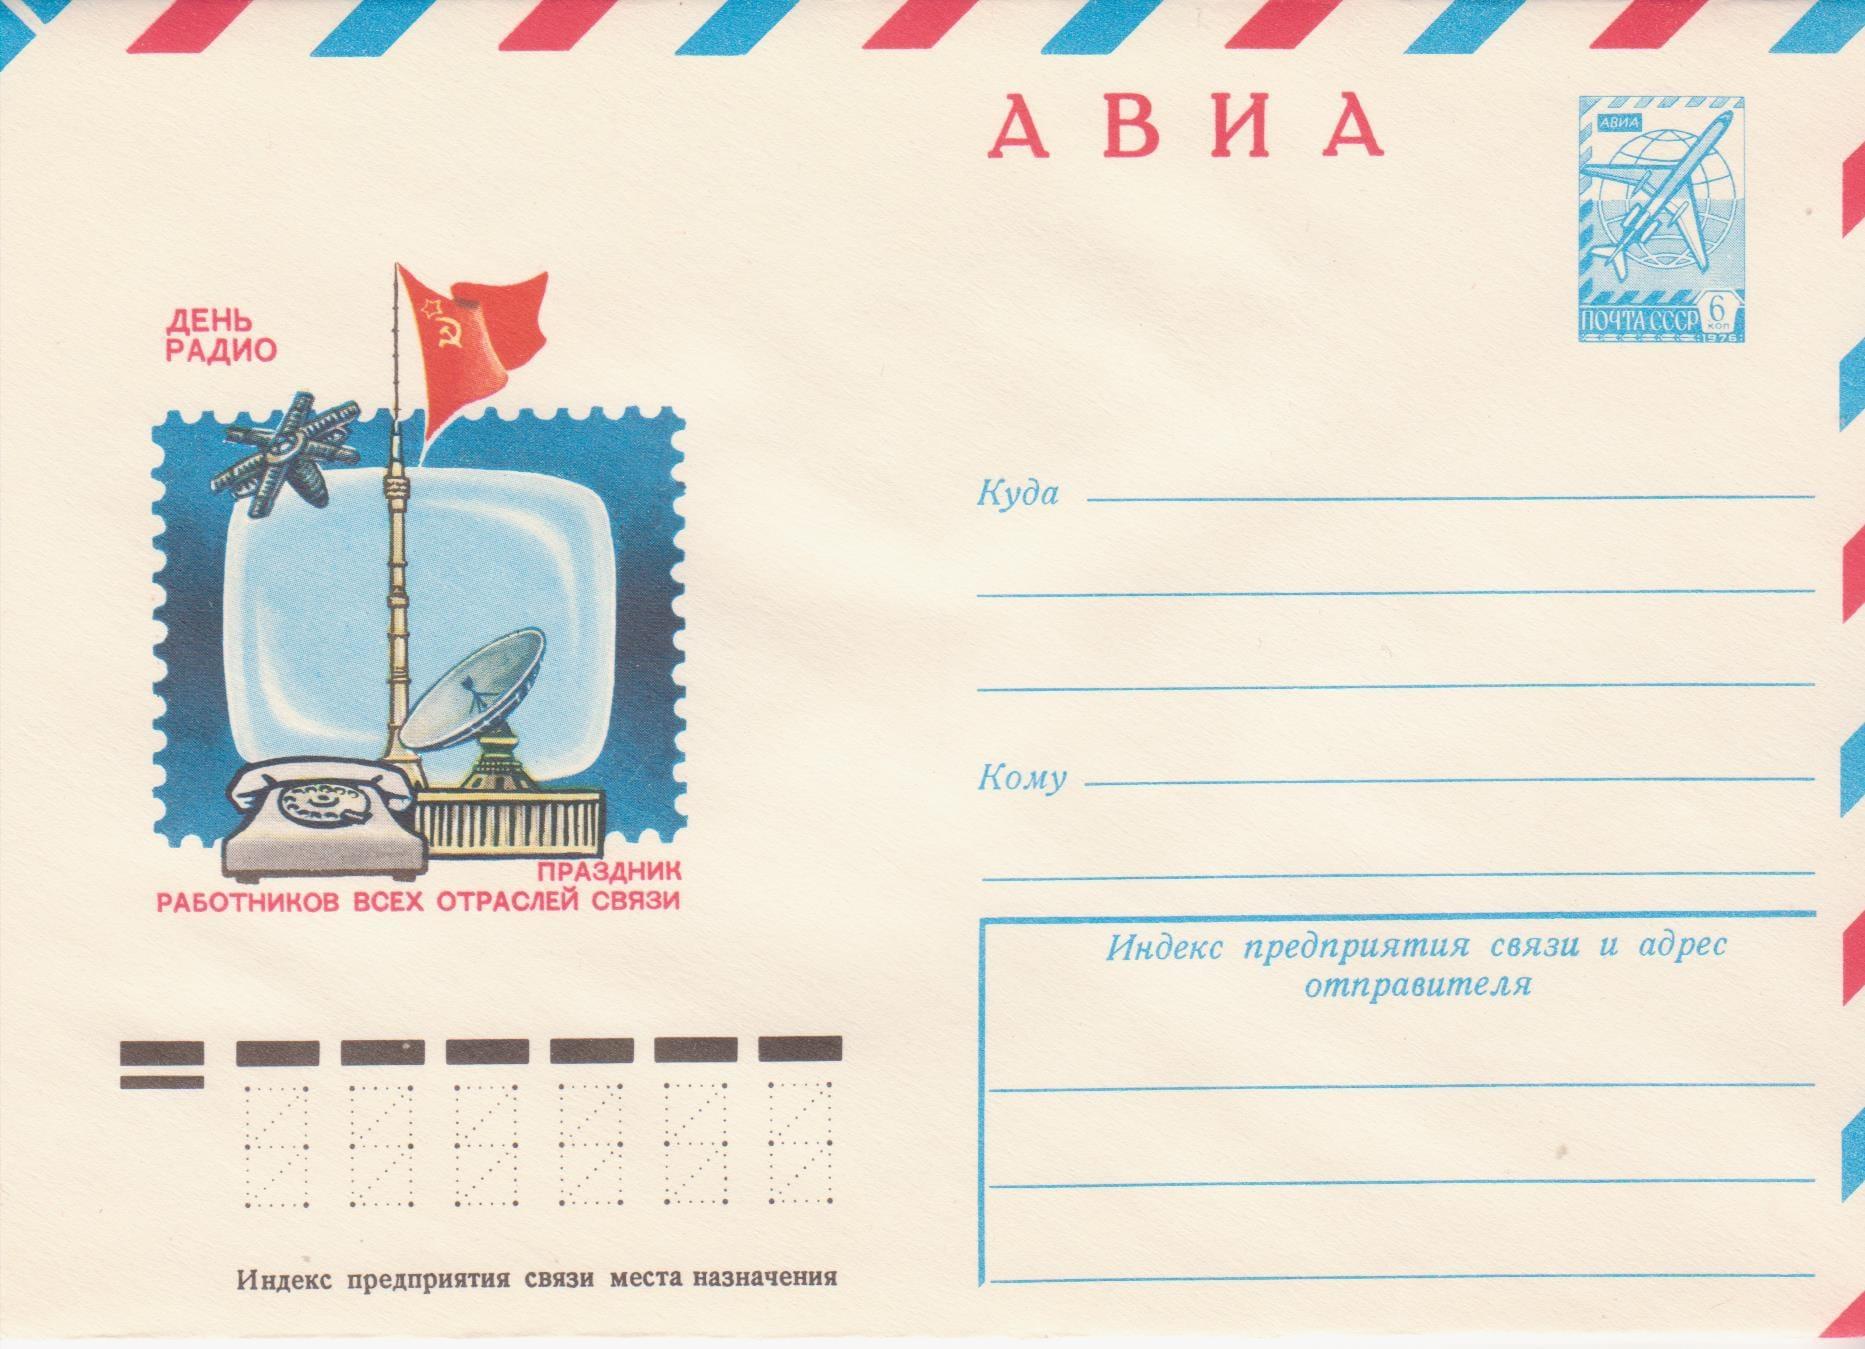 Почтовый конверт «День Радио - праздник работников всех отраслей связи», 1976 г